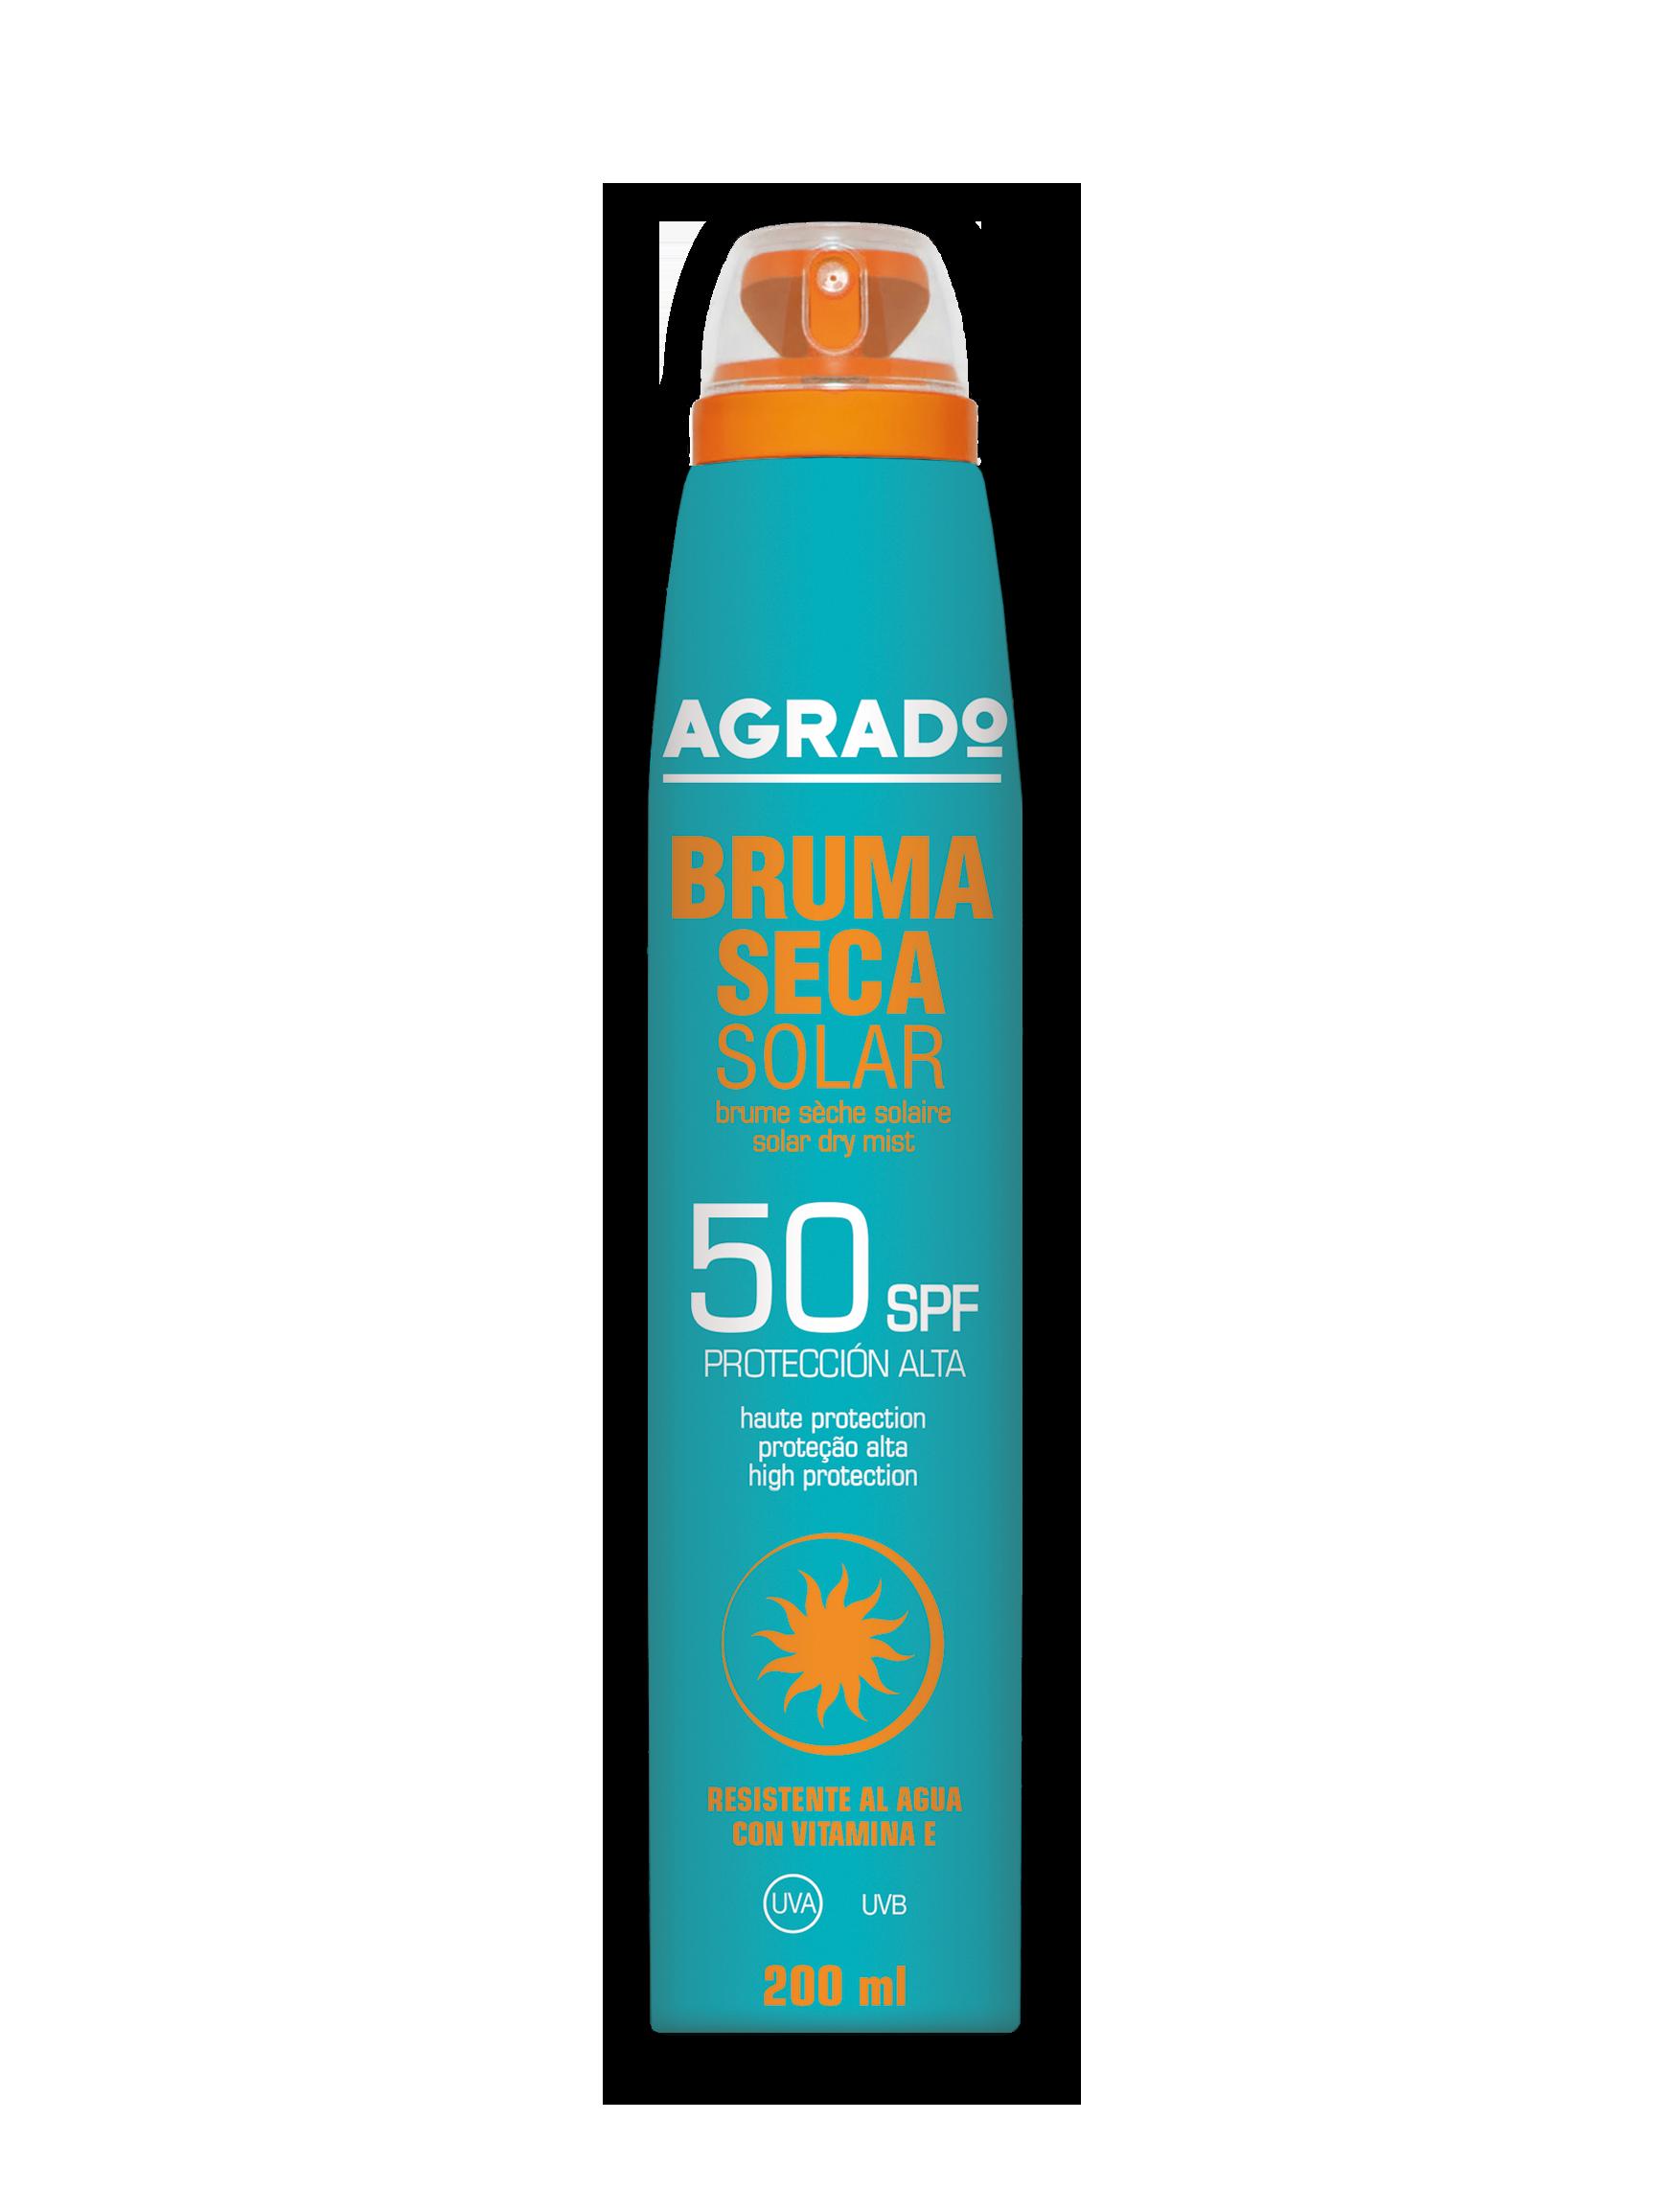 bruma-seca-solar-spray